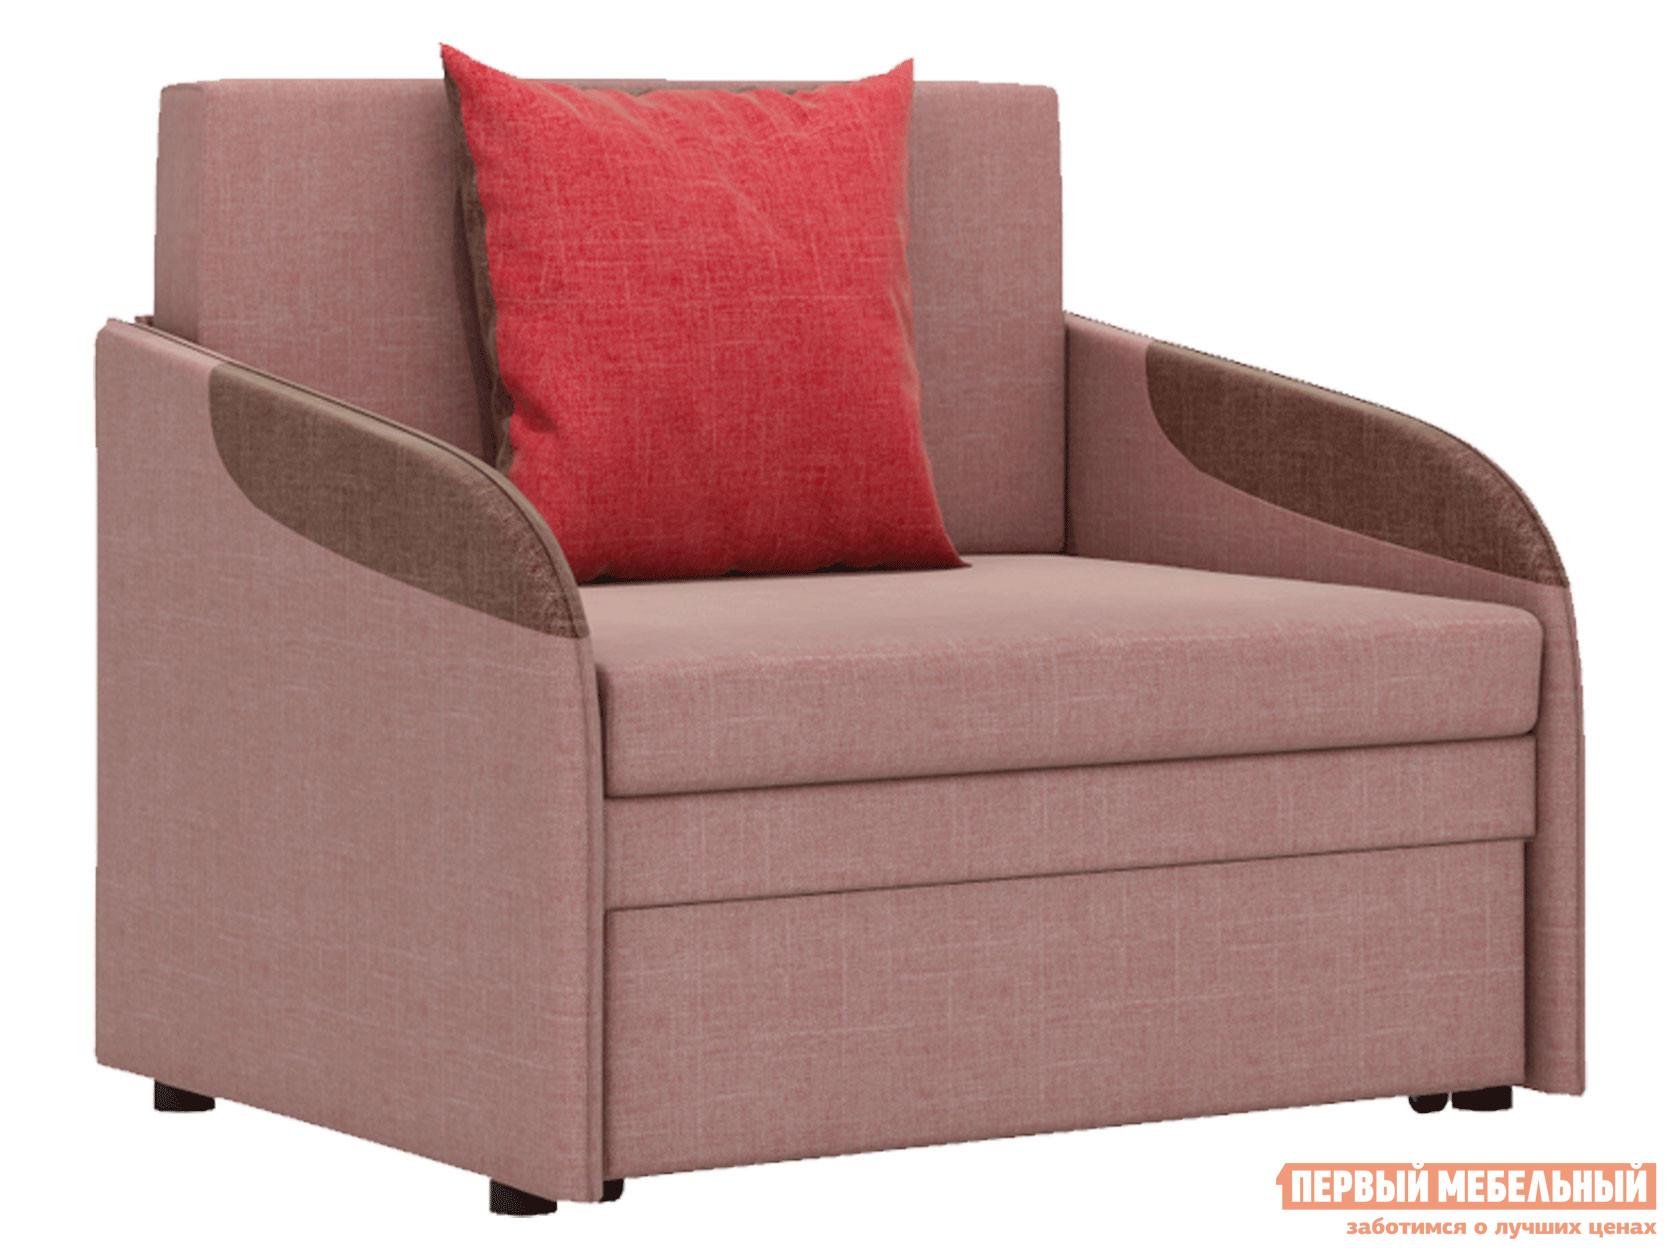 Кресло  Кресло-кровать Громит Серо-розовый, велюр — Кресло-кровать Громит Серо-розовый, велюр